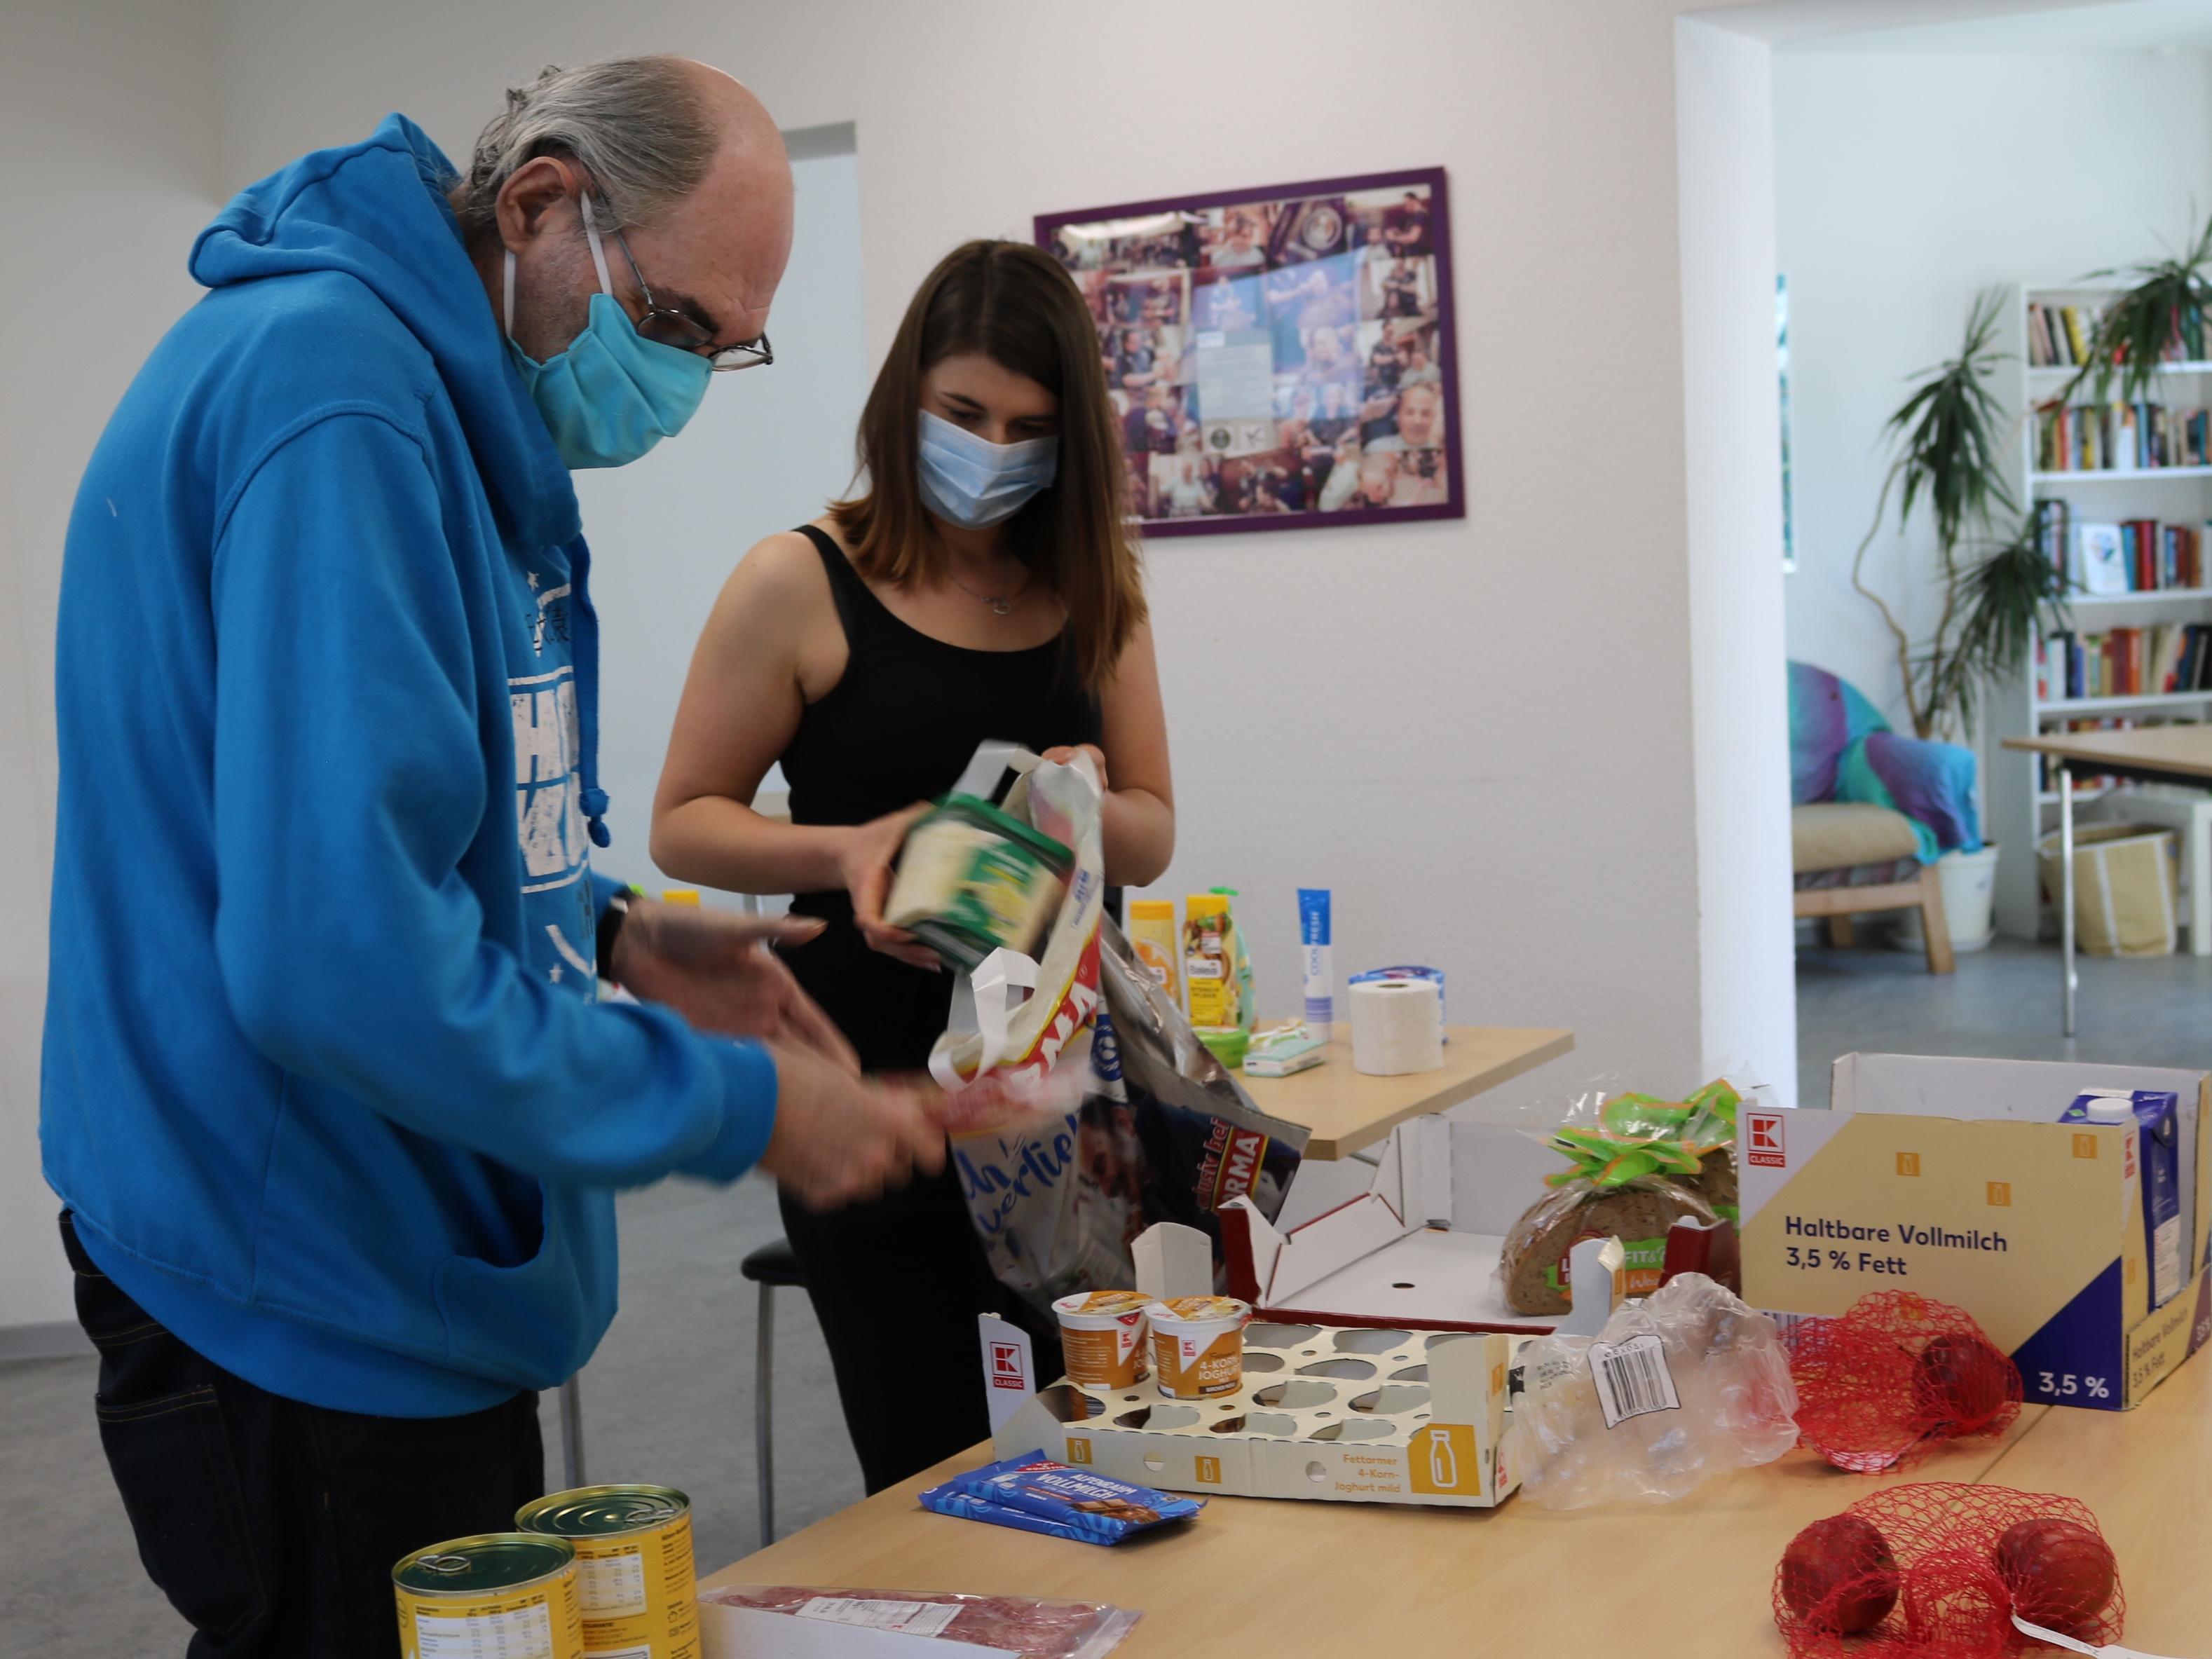 An verschiedenen Standorten, wie hier in Neunkirchen, verteilt die Diakonie Lebensmittelpakete. Foto: Diakonie Saar / Stein